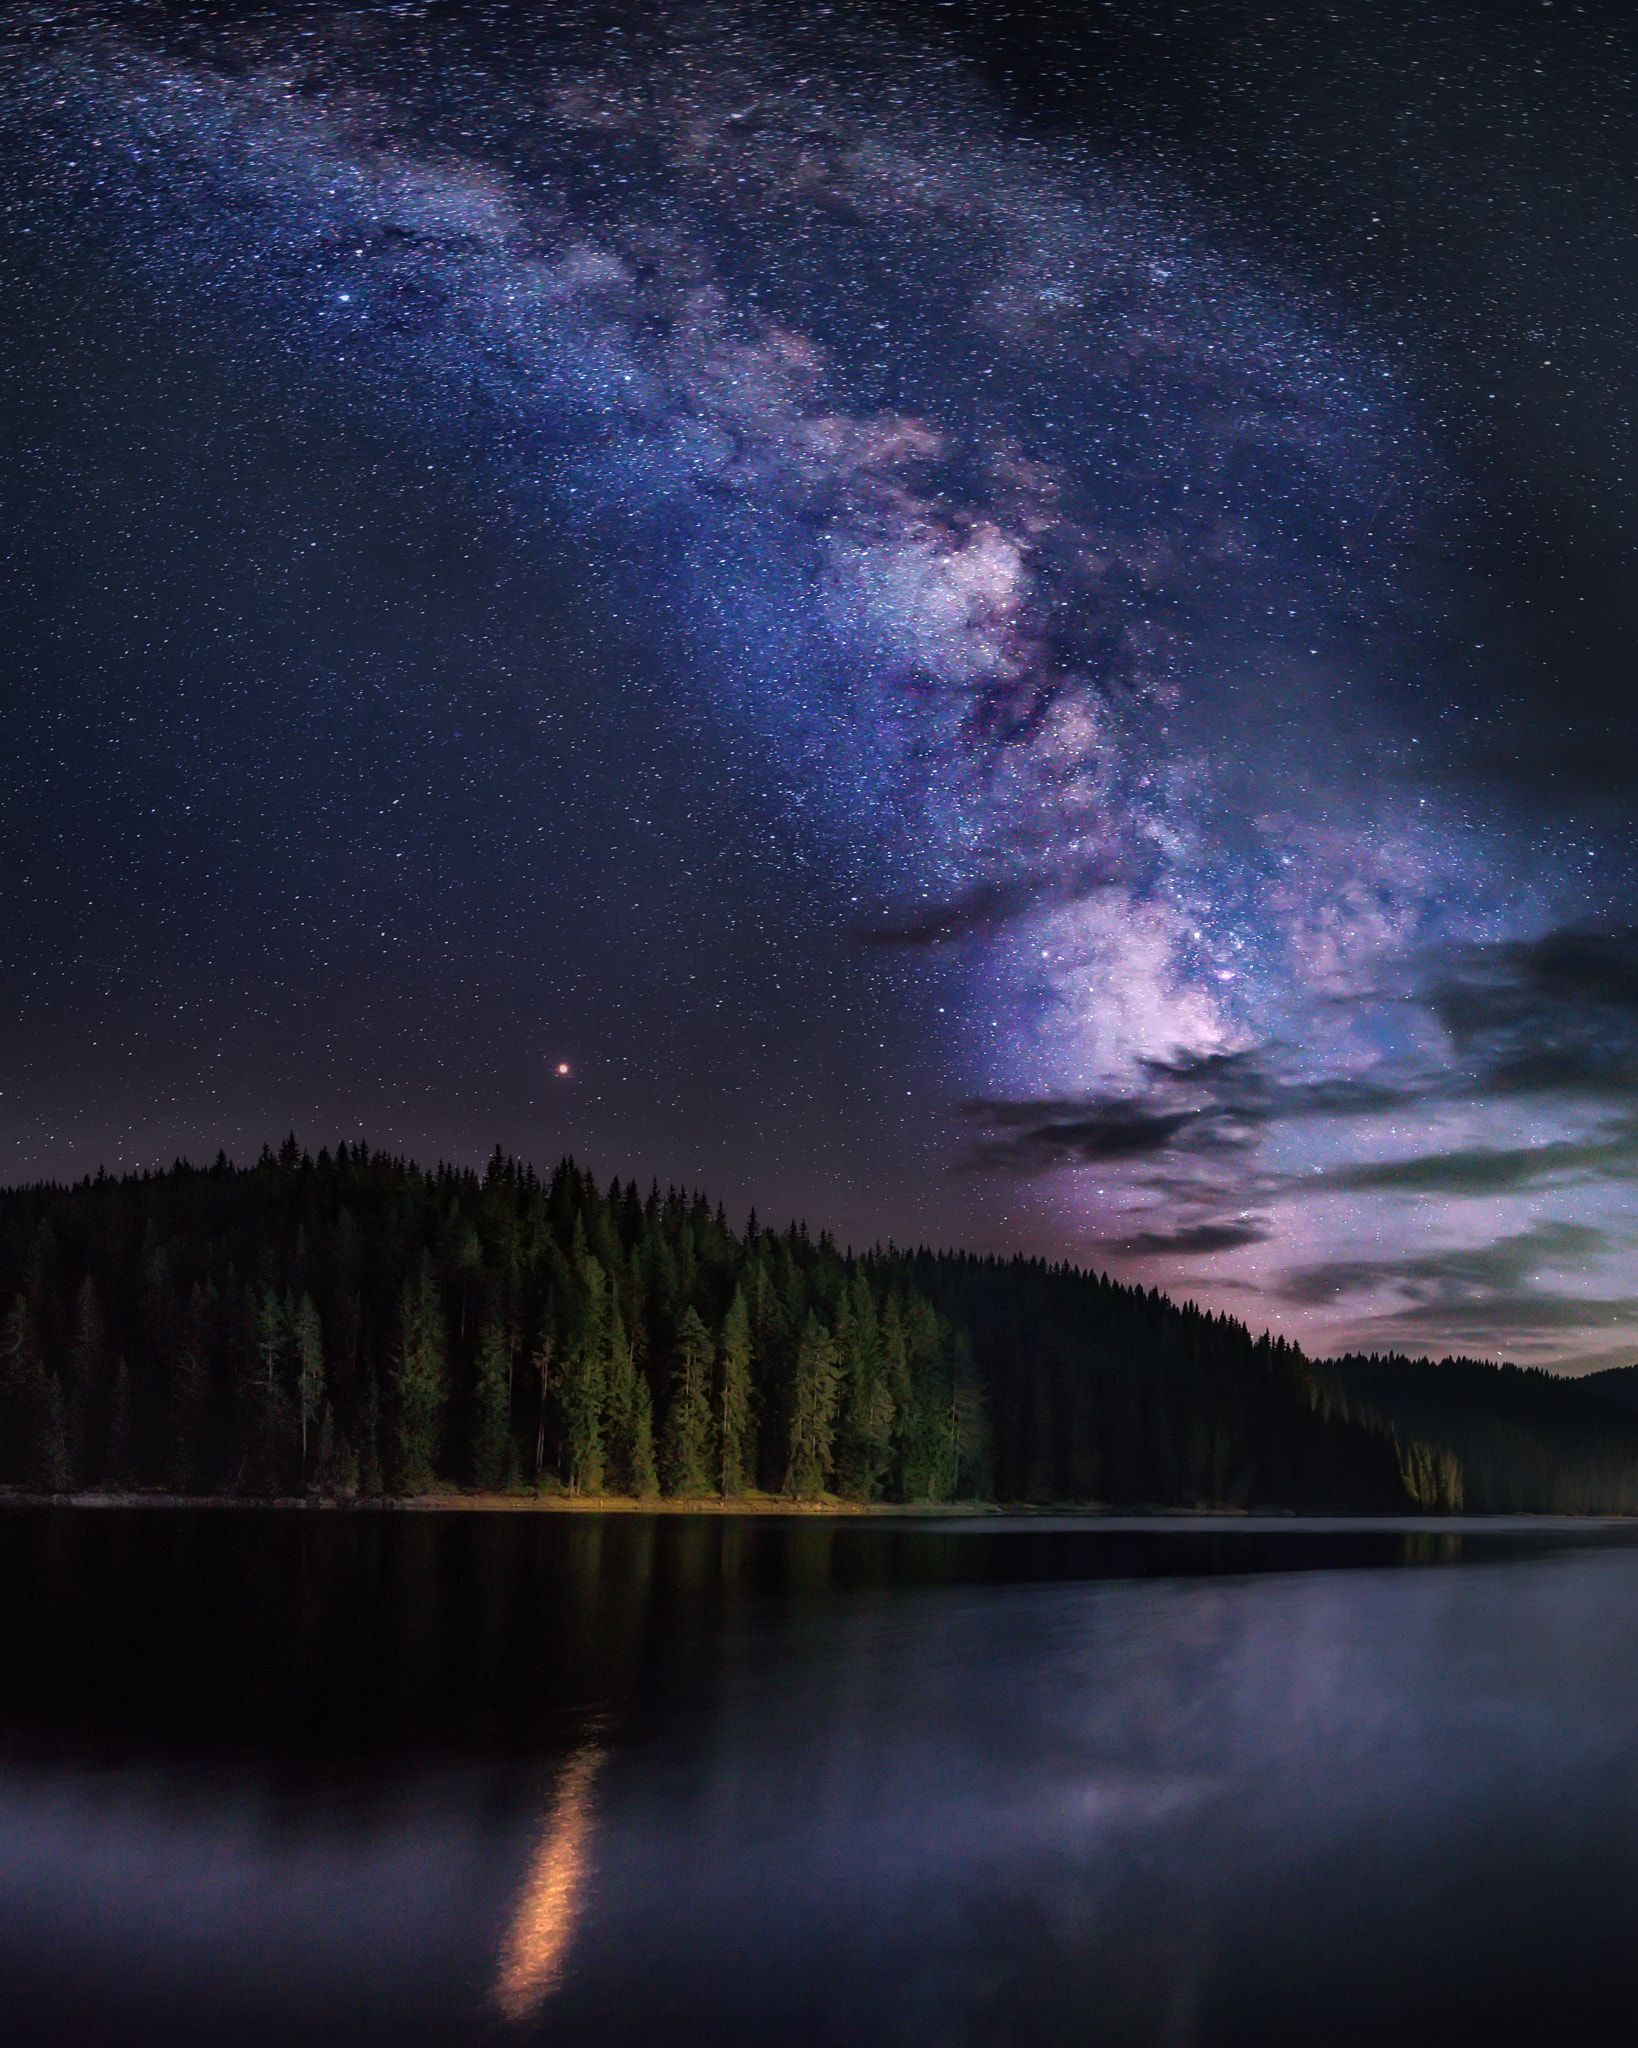 Milky Way Null Night Sky Photography Starry Night Images Beautiful Landscape Photography Night starry sky nebula stars landscape